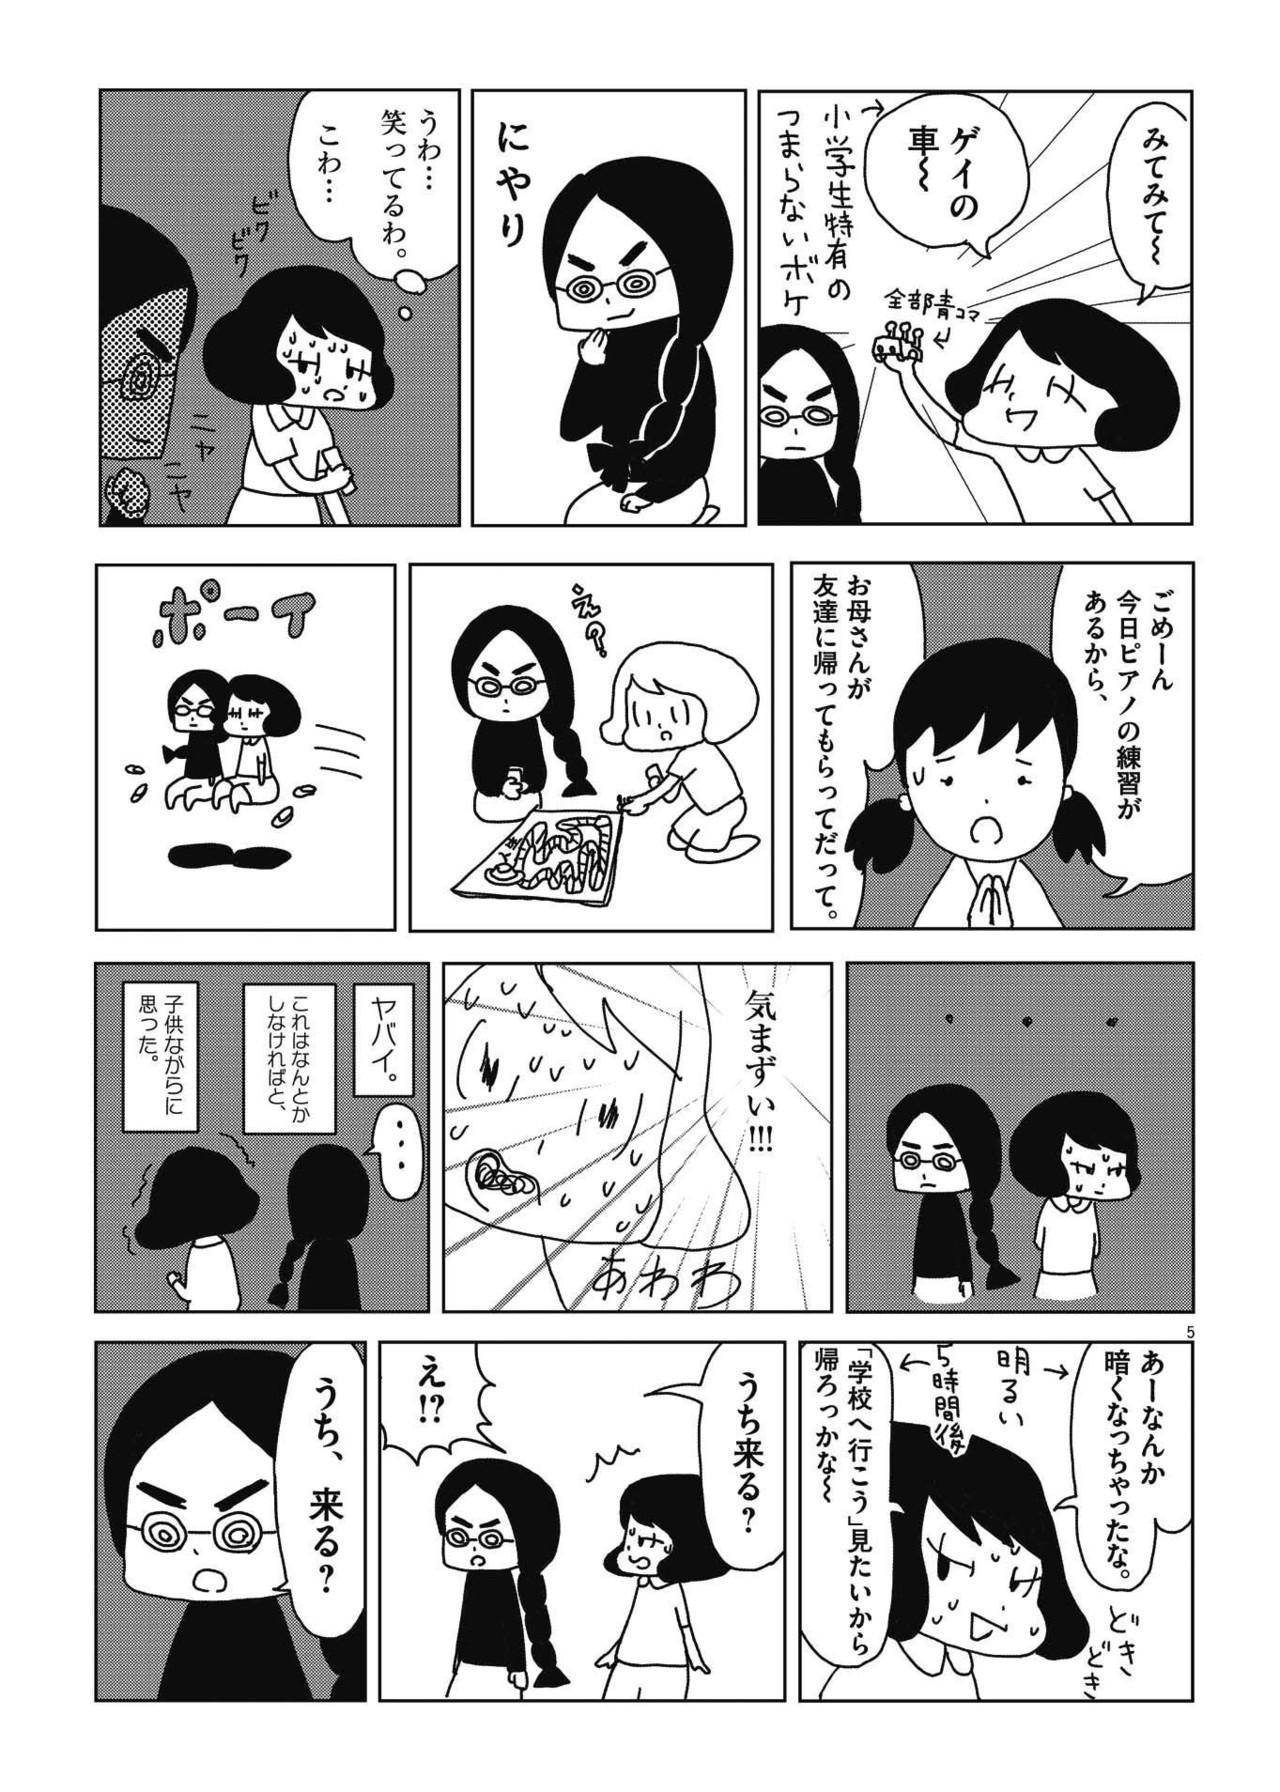 第一話「岡崎さん」|山本さほ|note